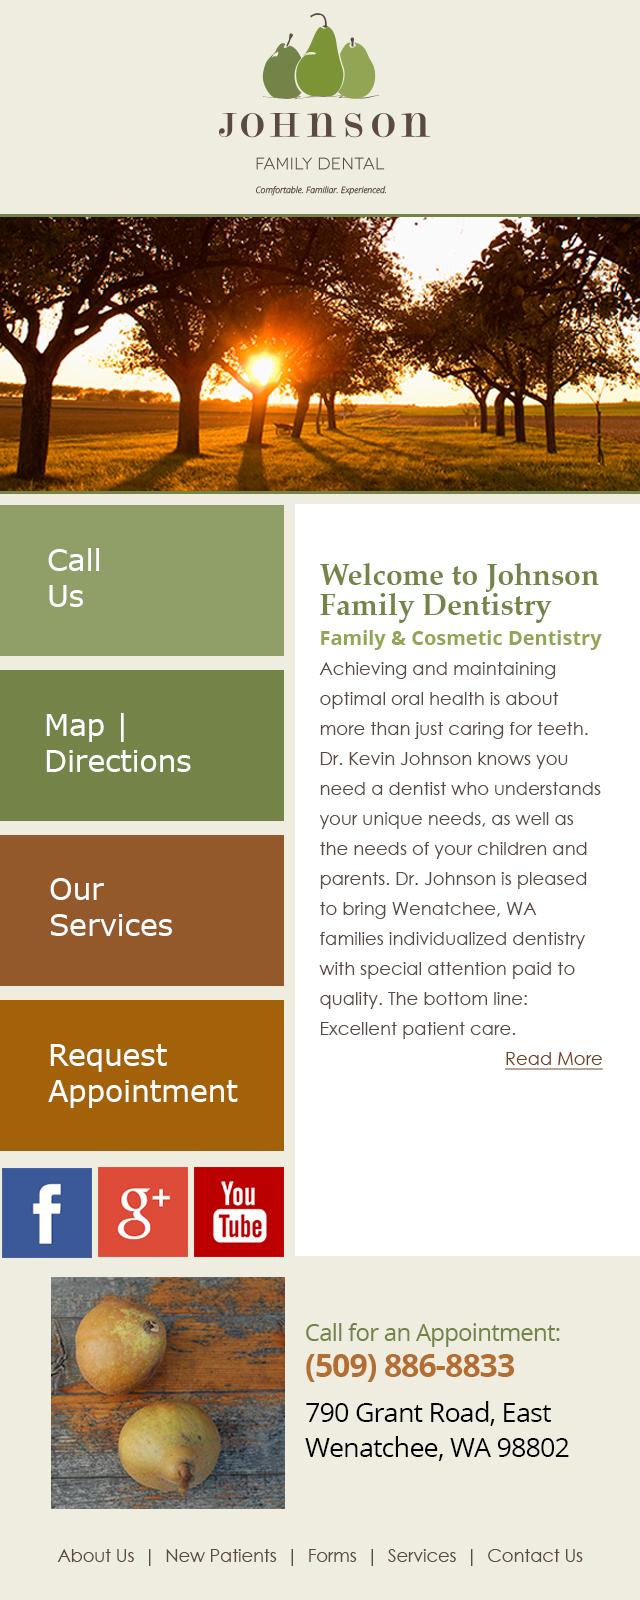 johnson family dental - 640×1197